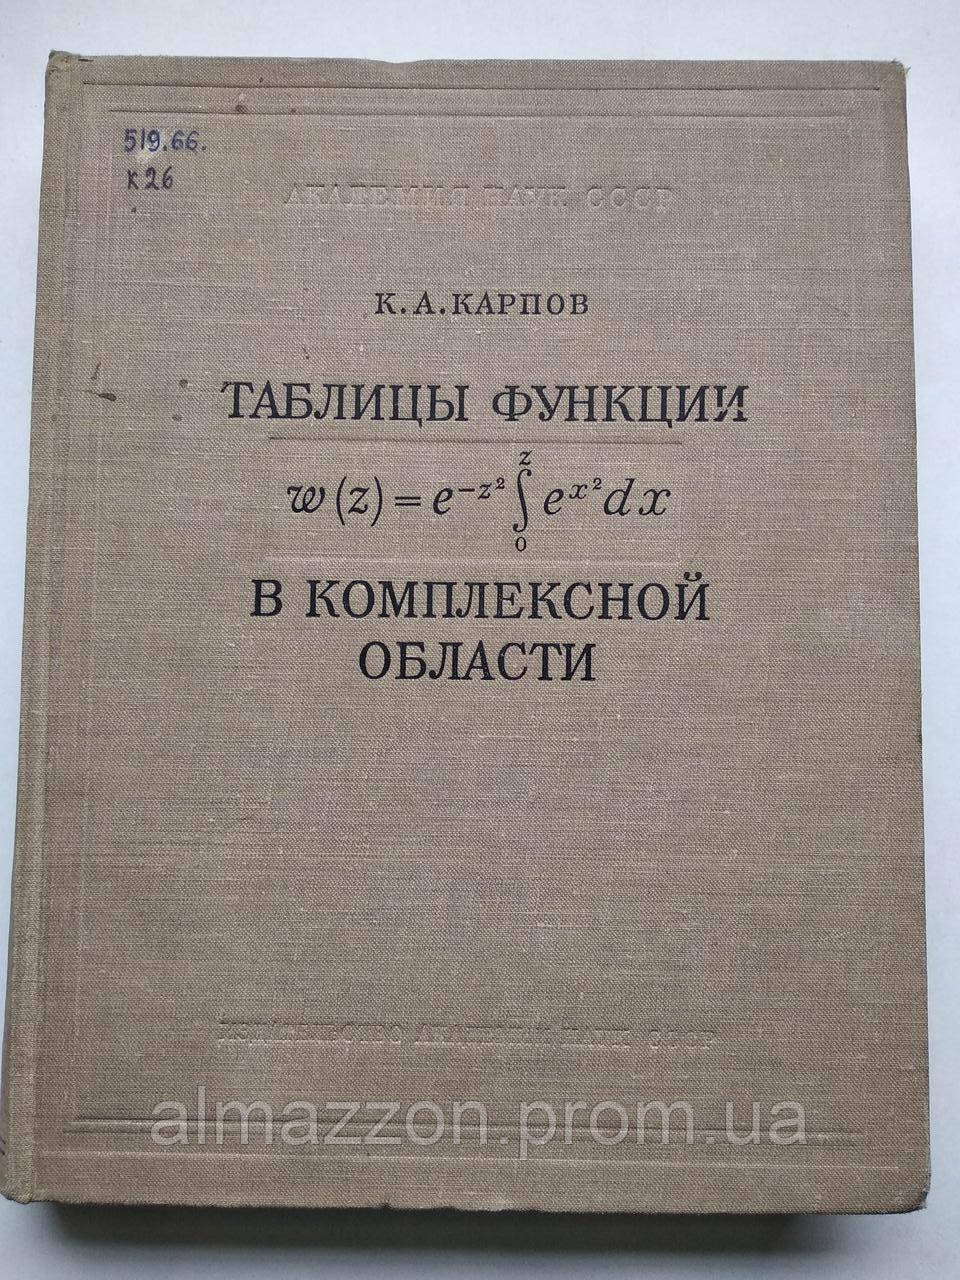 Таблиці функцій комплексної галузі К. А. Карпов